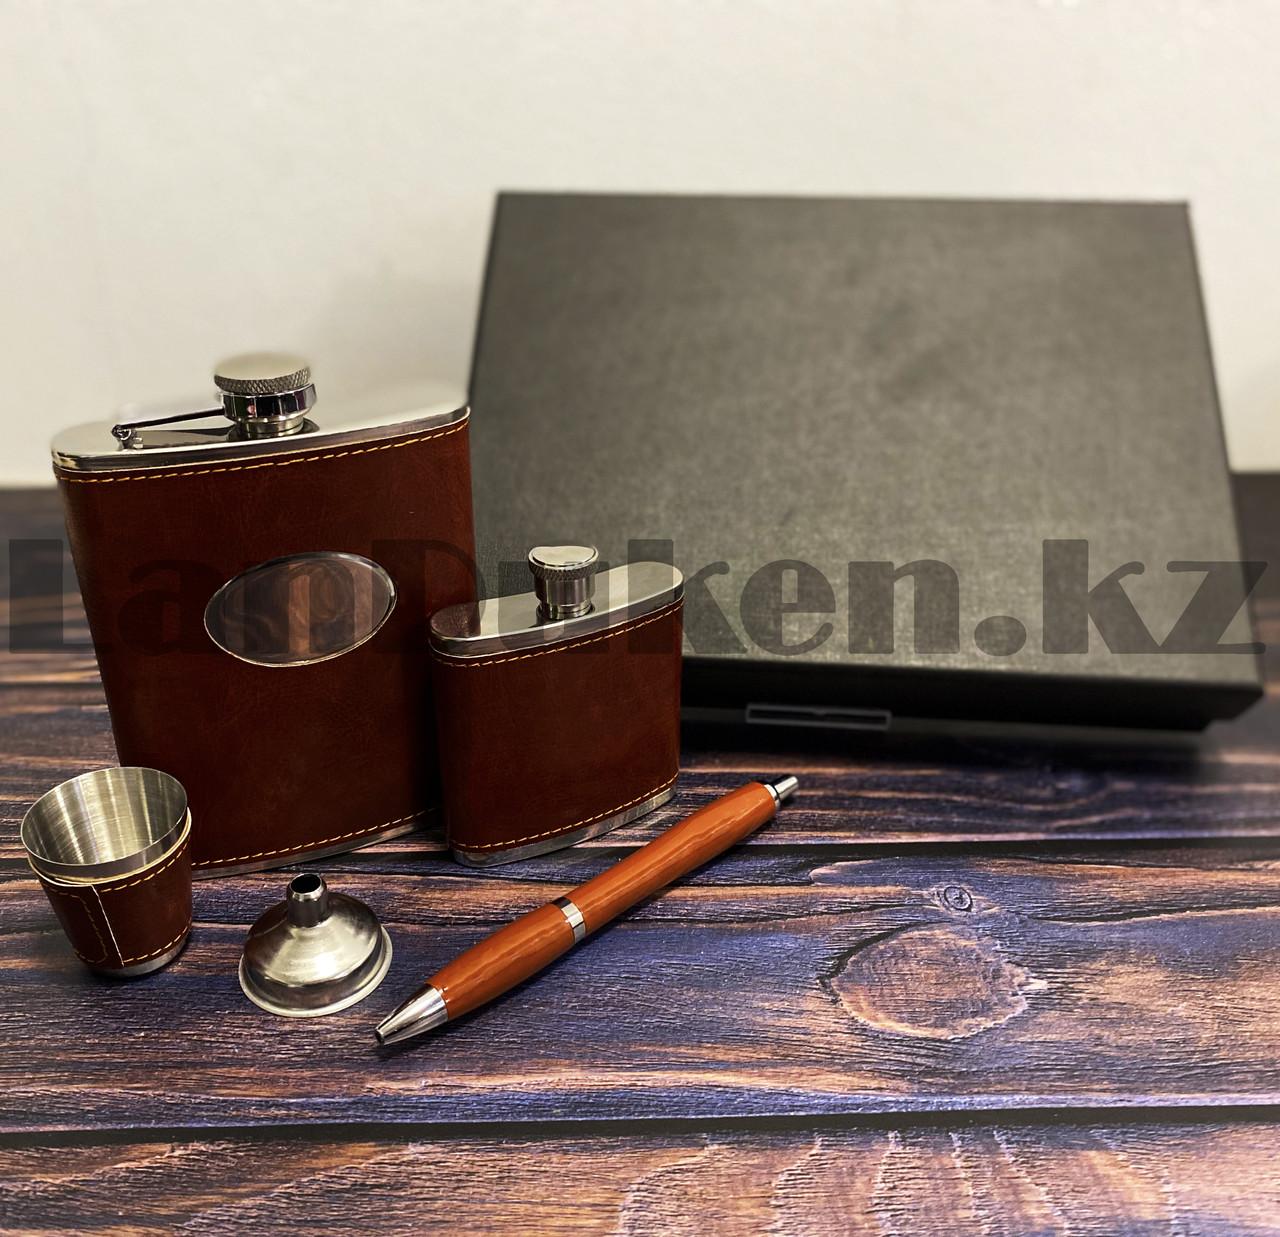 Мужской набор (фляга 250 мл фляга 100 мл рюмка воронка ручка) в подарочной коробке - фото 10